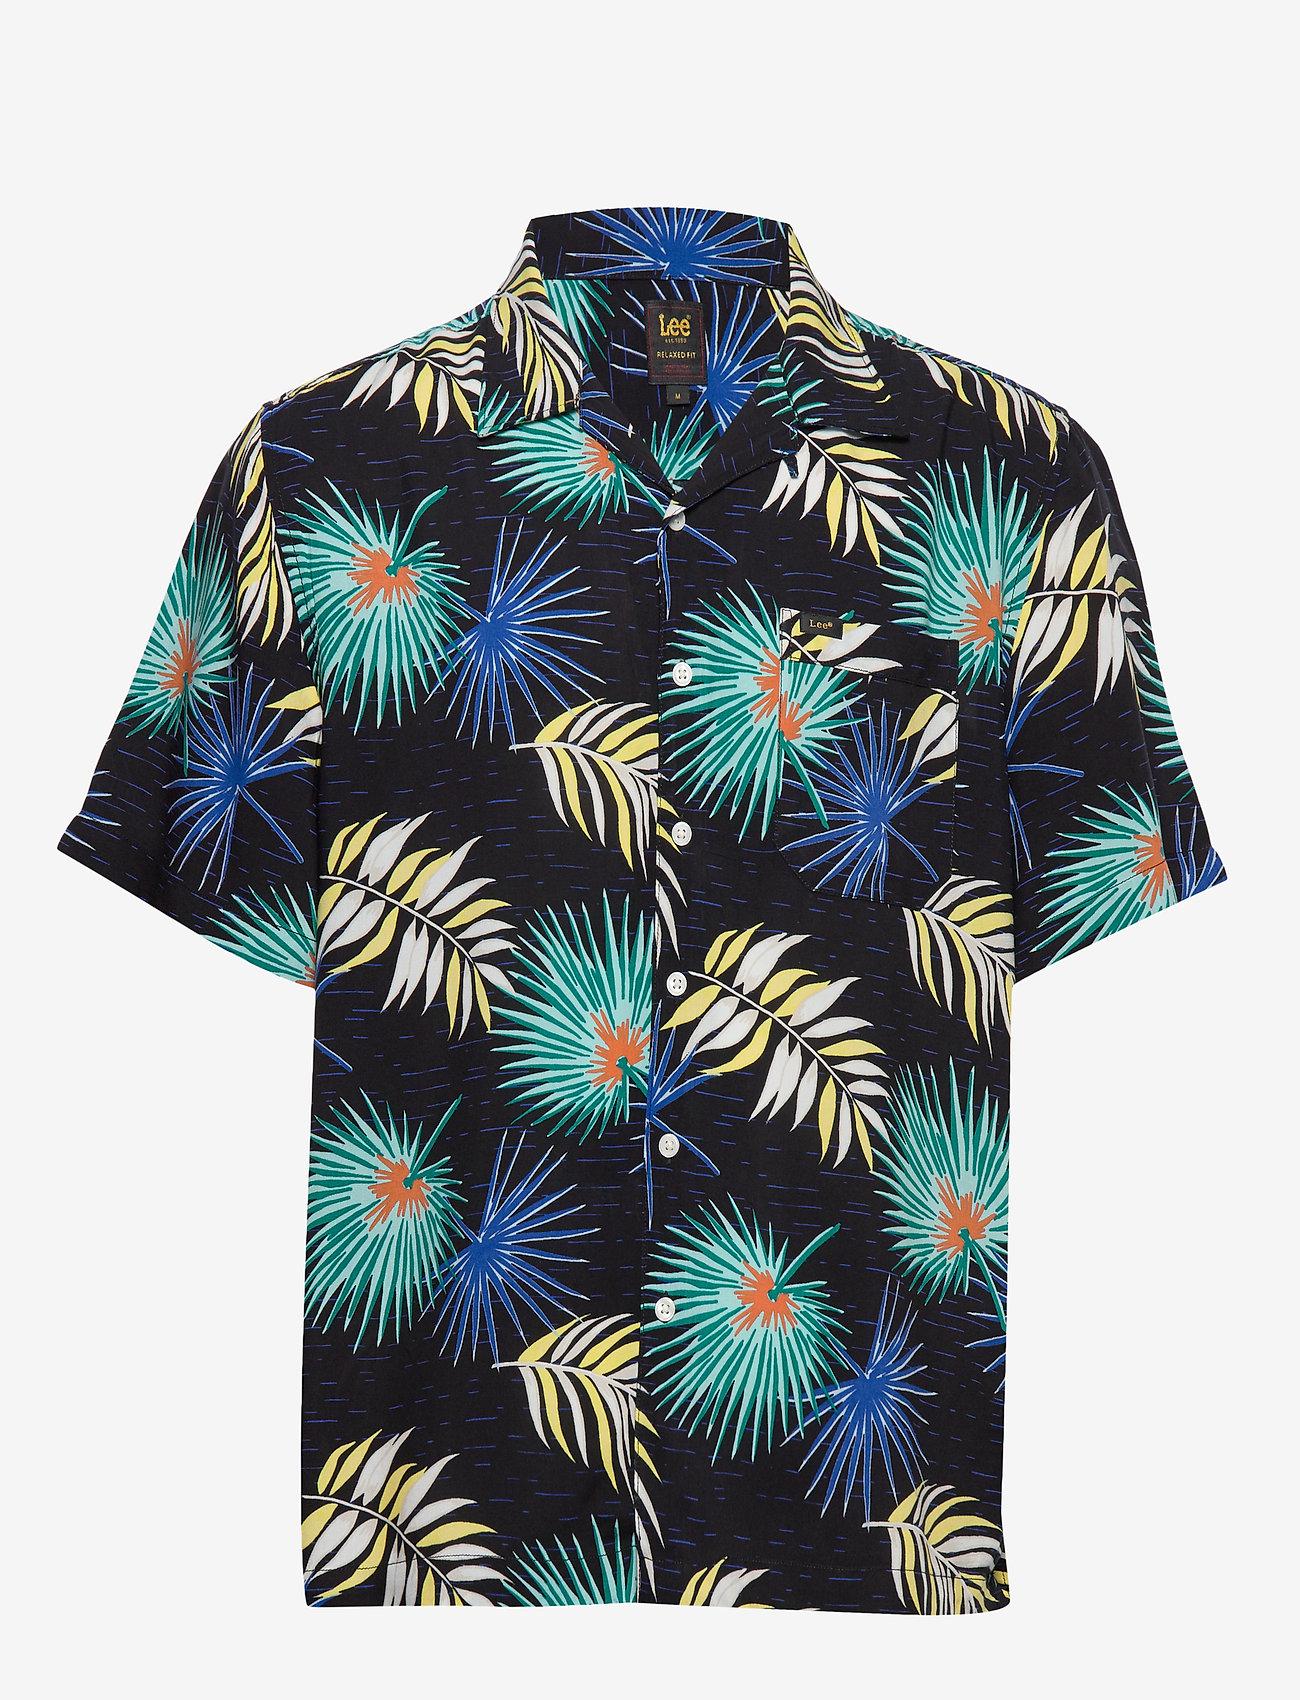 Lee Jeans - SS RESORT SHIRT - short-sleeved shirts - summer mint - 0